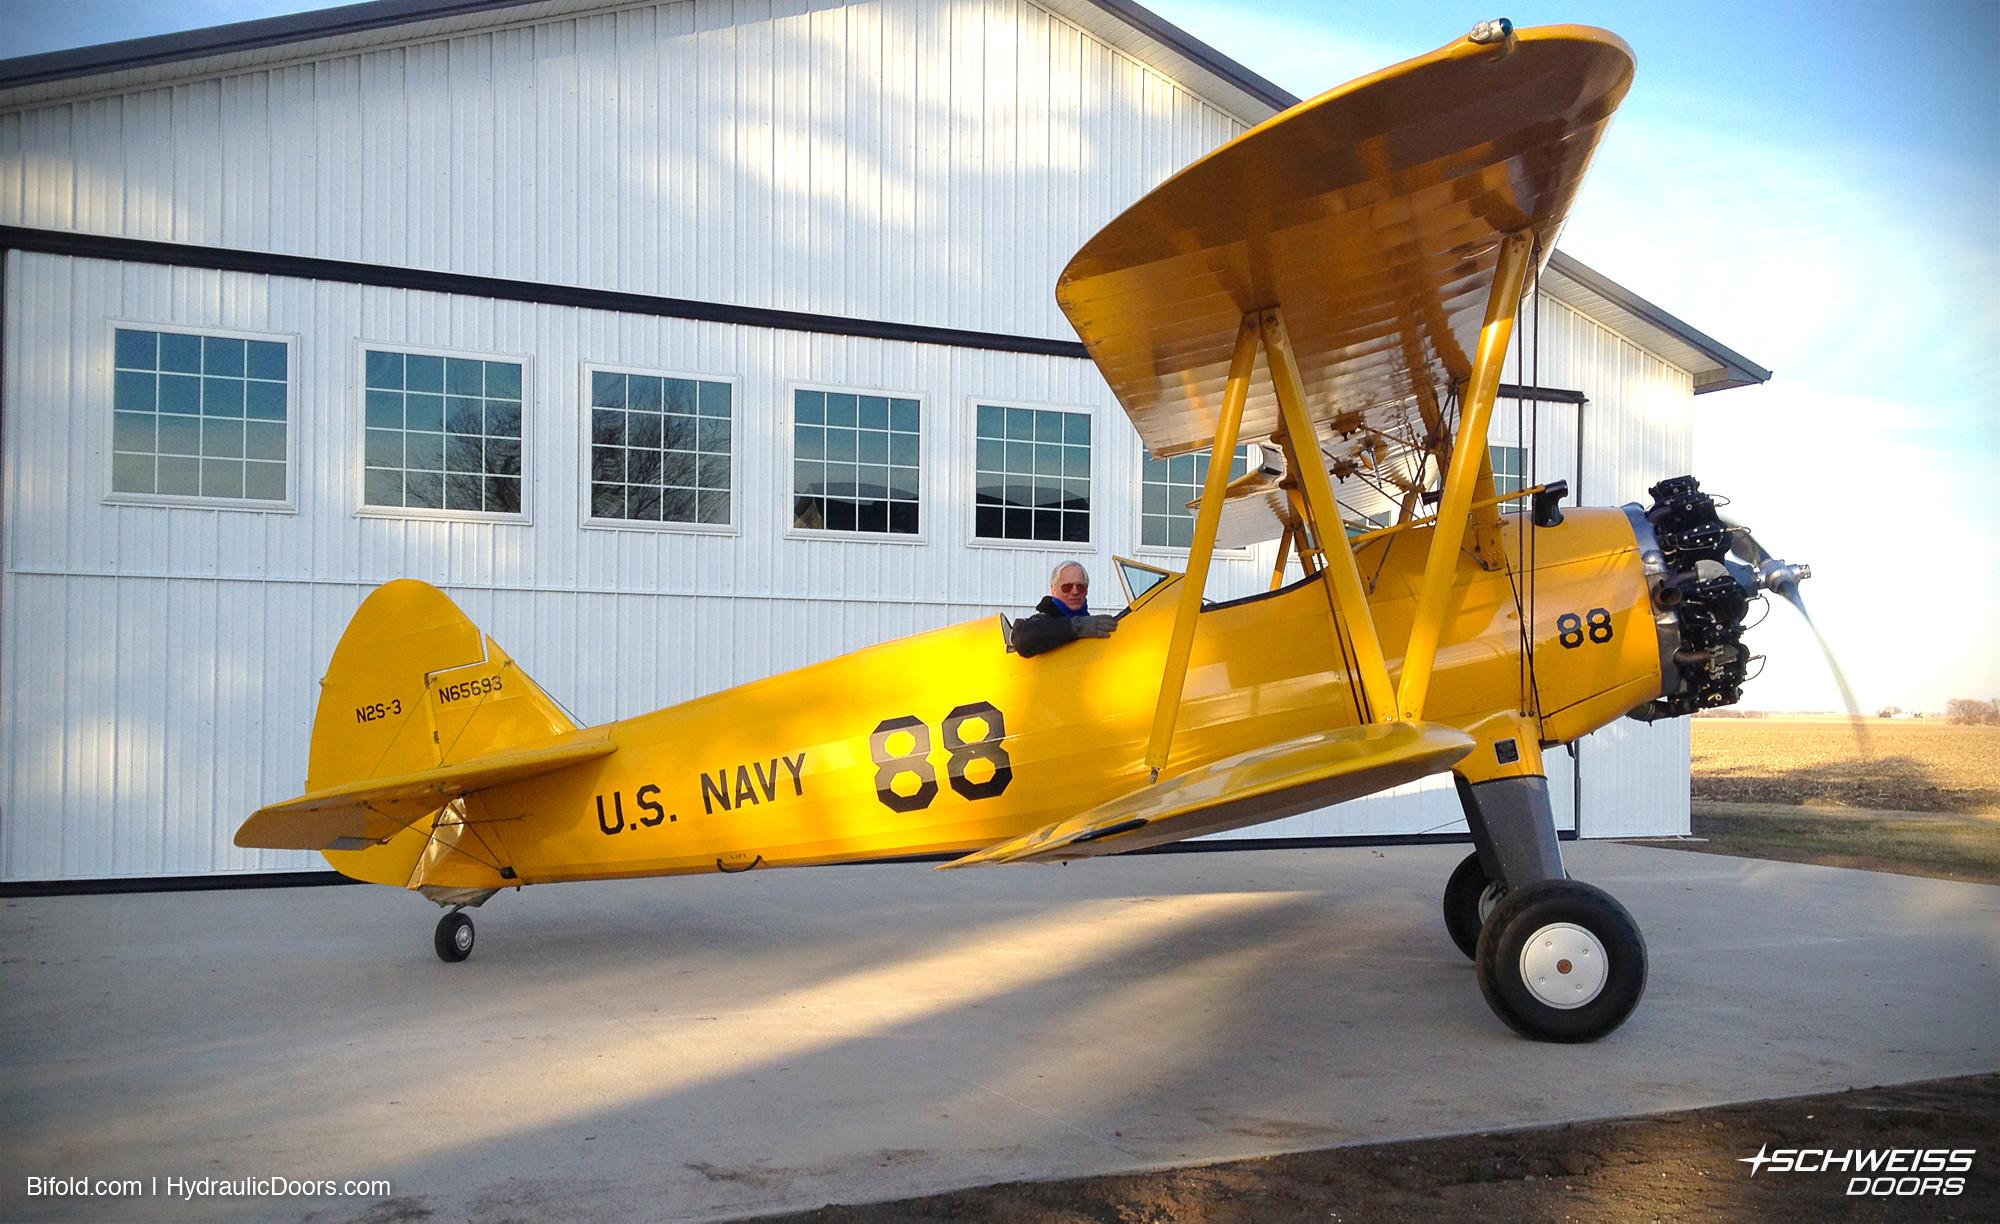 Collector plane has Schweiss Hangar Door to go with it